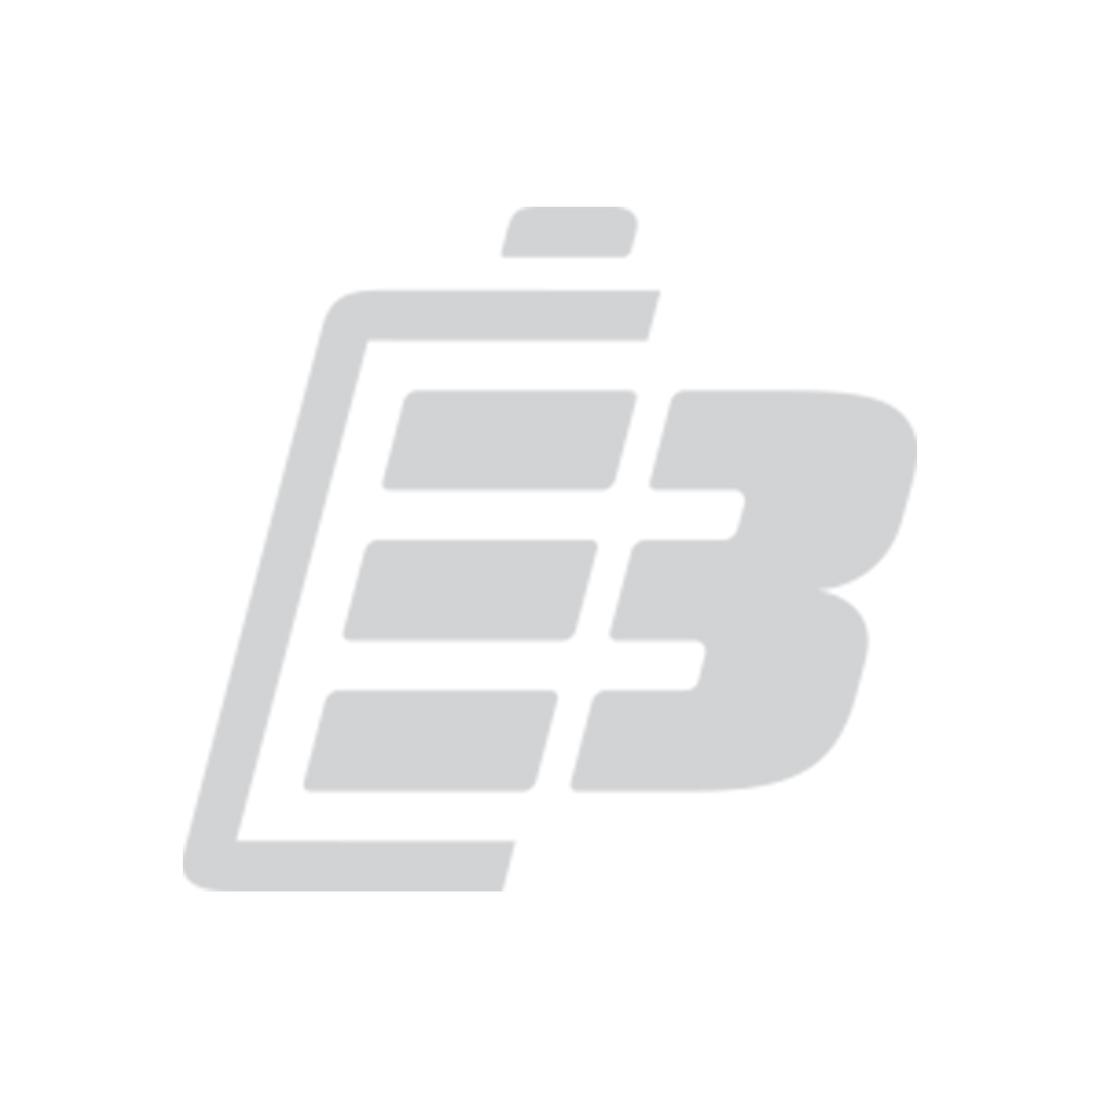 Power tool battery Metabo 14.4V 3.0Ah_1